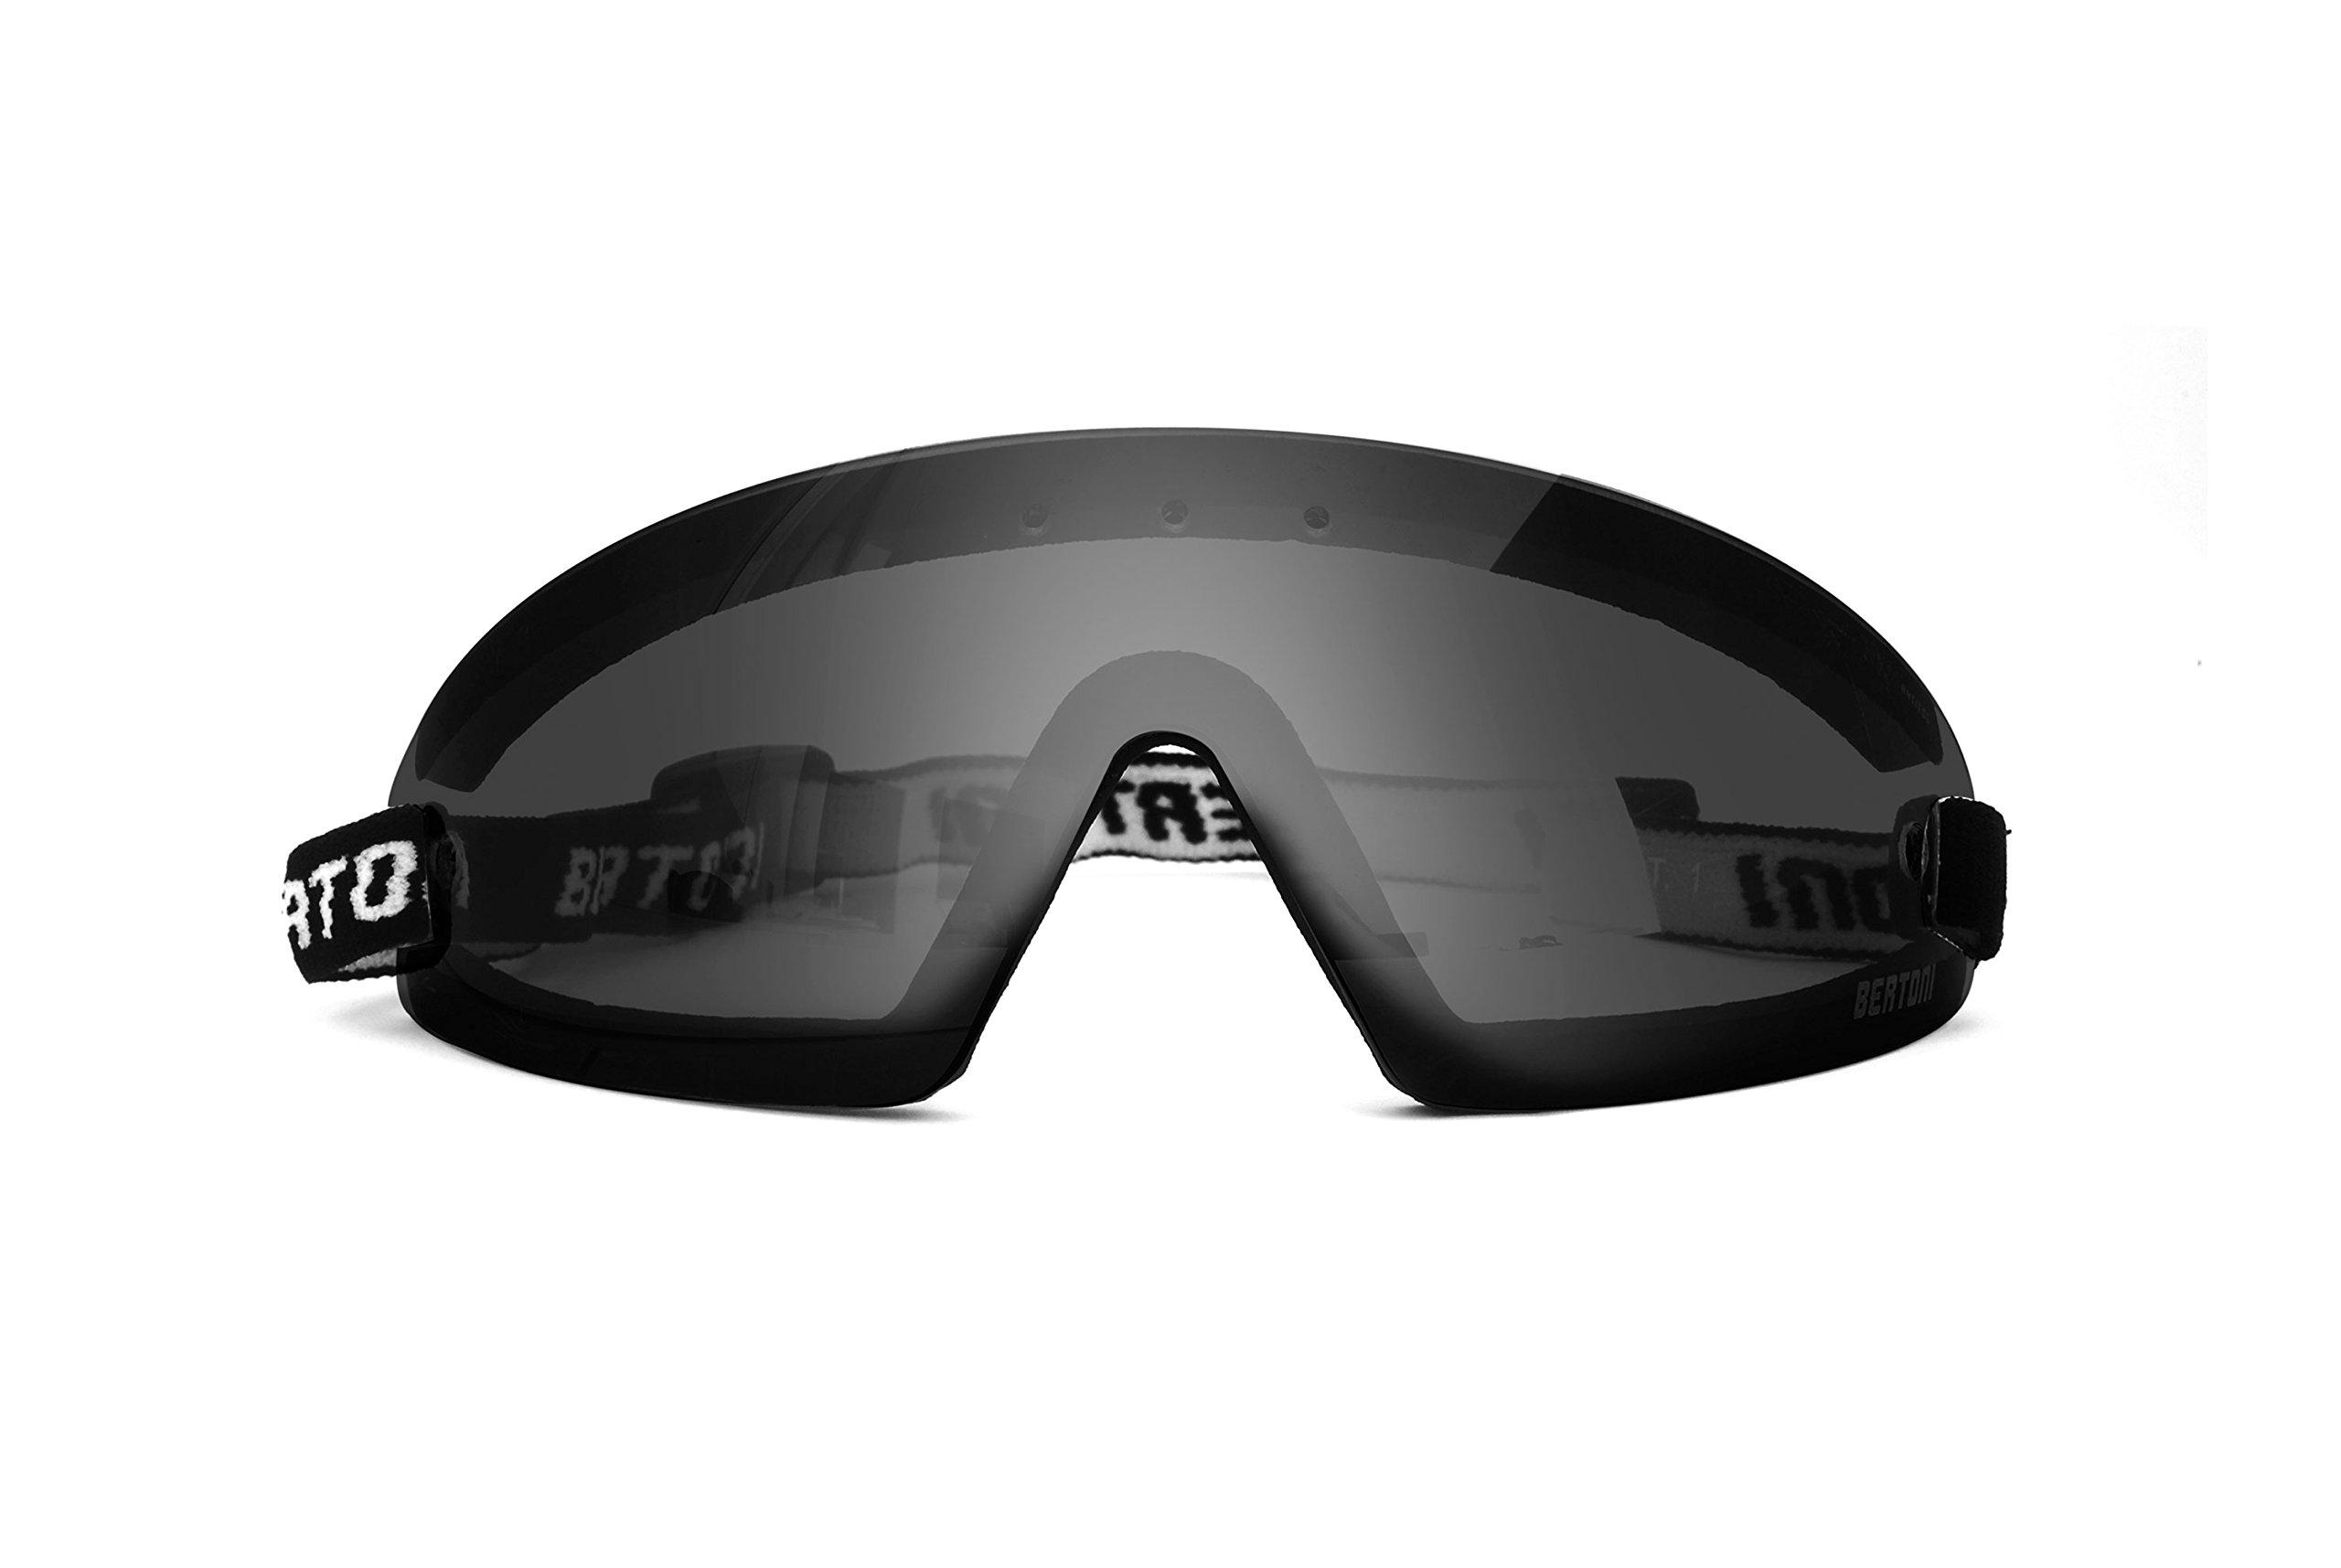 Masque lunettes moto Bertoni AF79 2